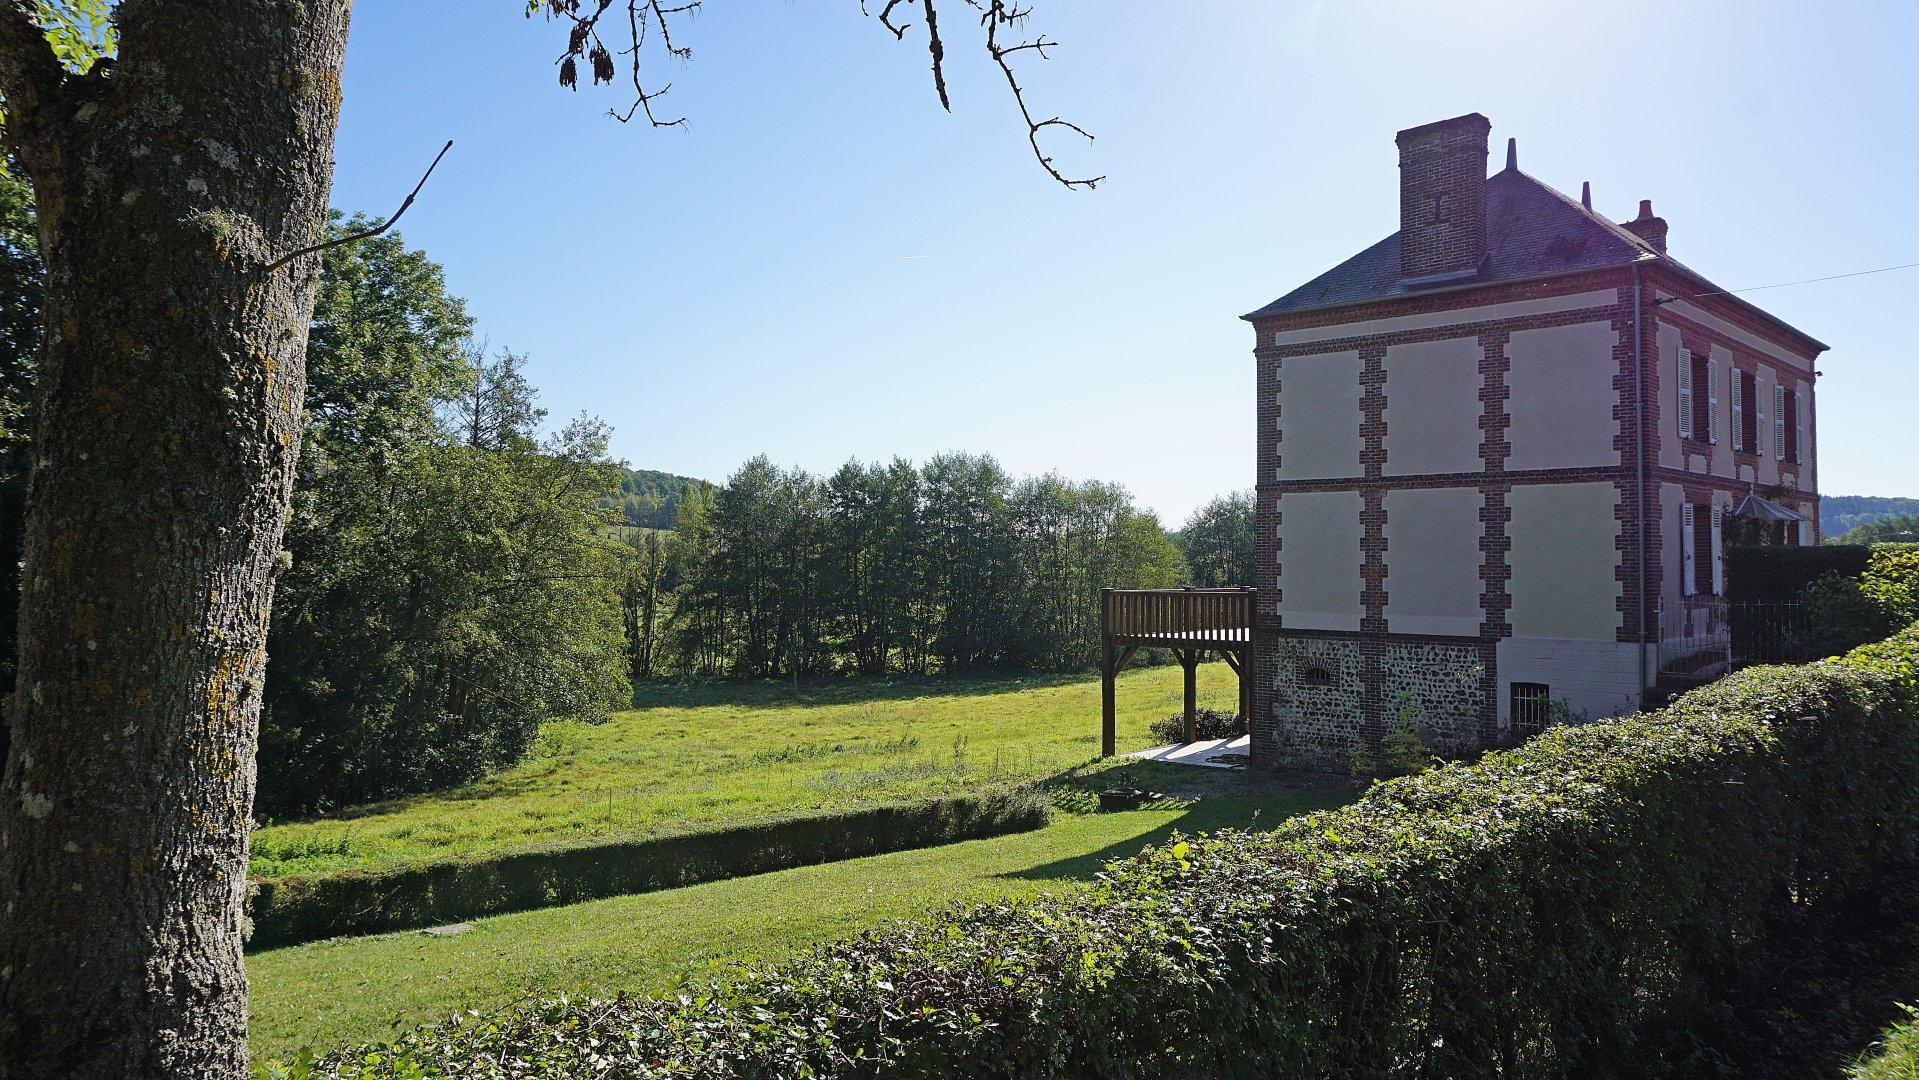 PAYS D'AUGE-ORNE-CANAPVILLE-Propriété Normande avec Maison Bourgeoise en zone protégée